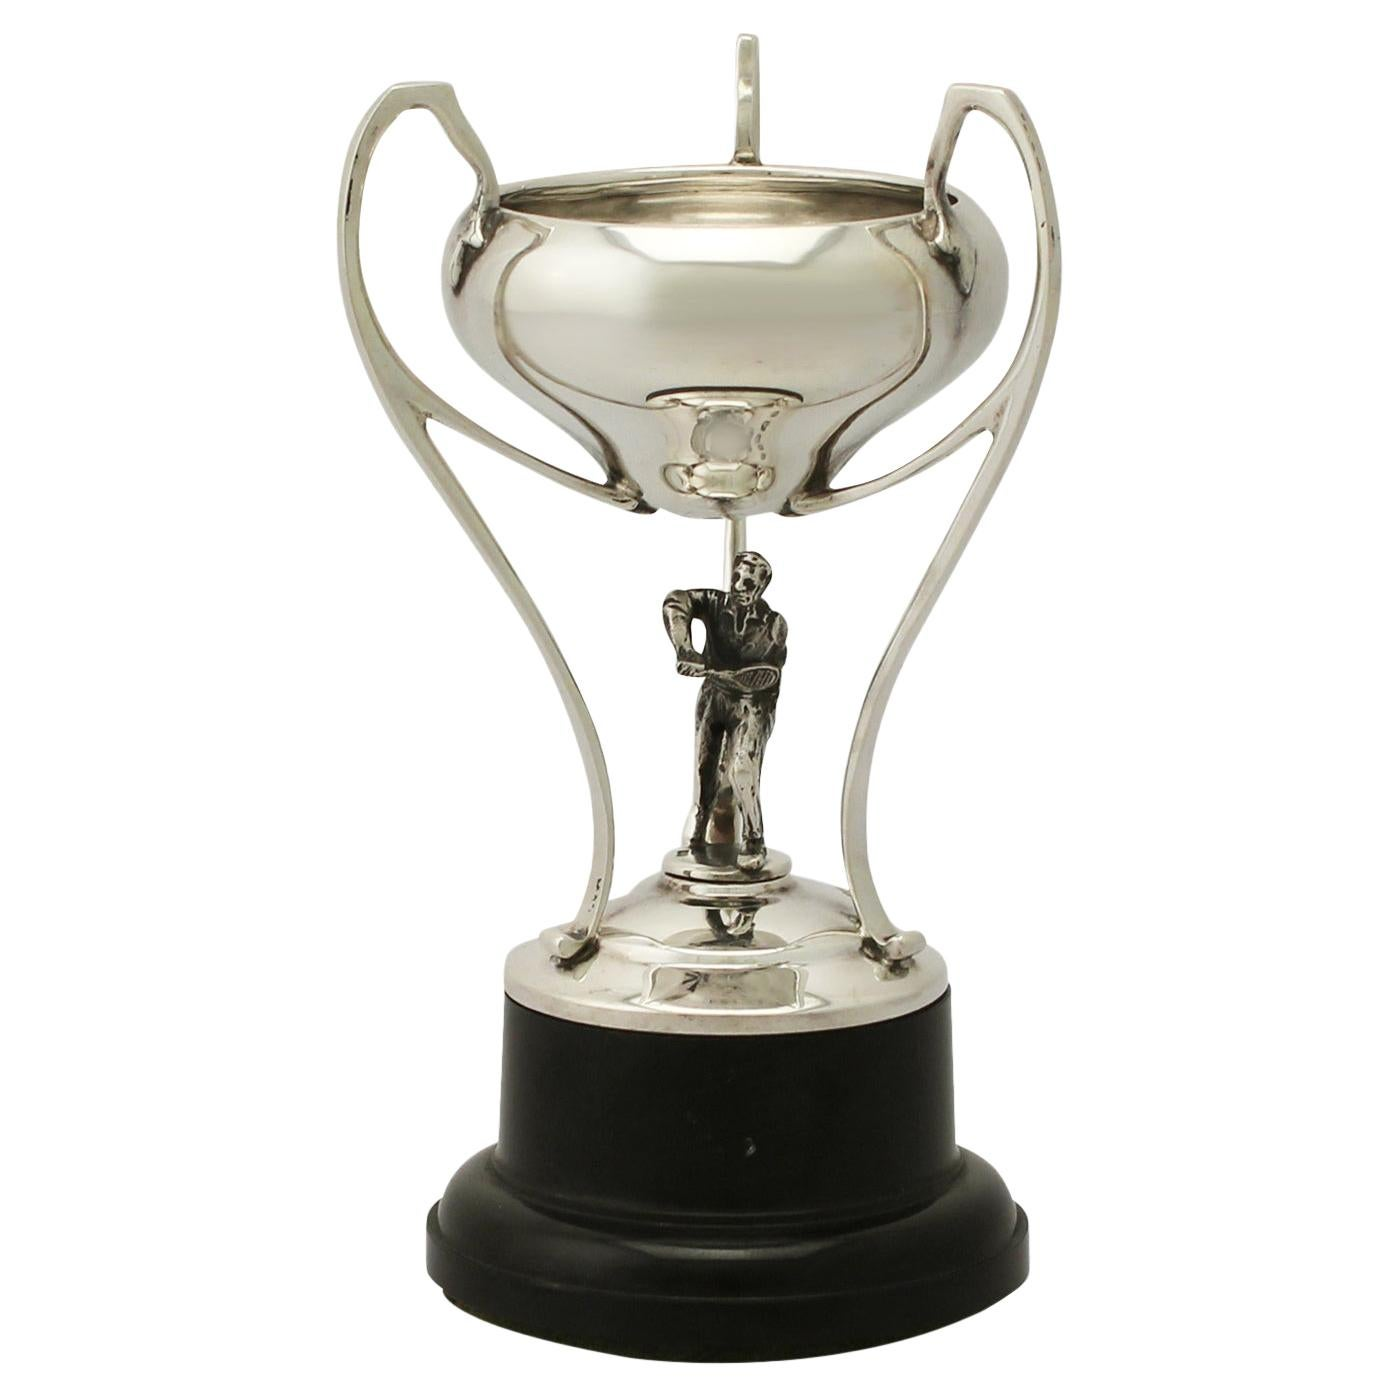 Sterling Silver 'Tennis' Presentation Trophy, Vintage George VI